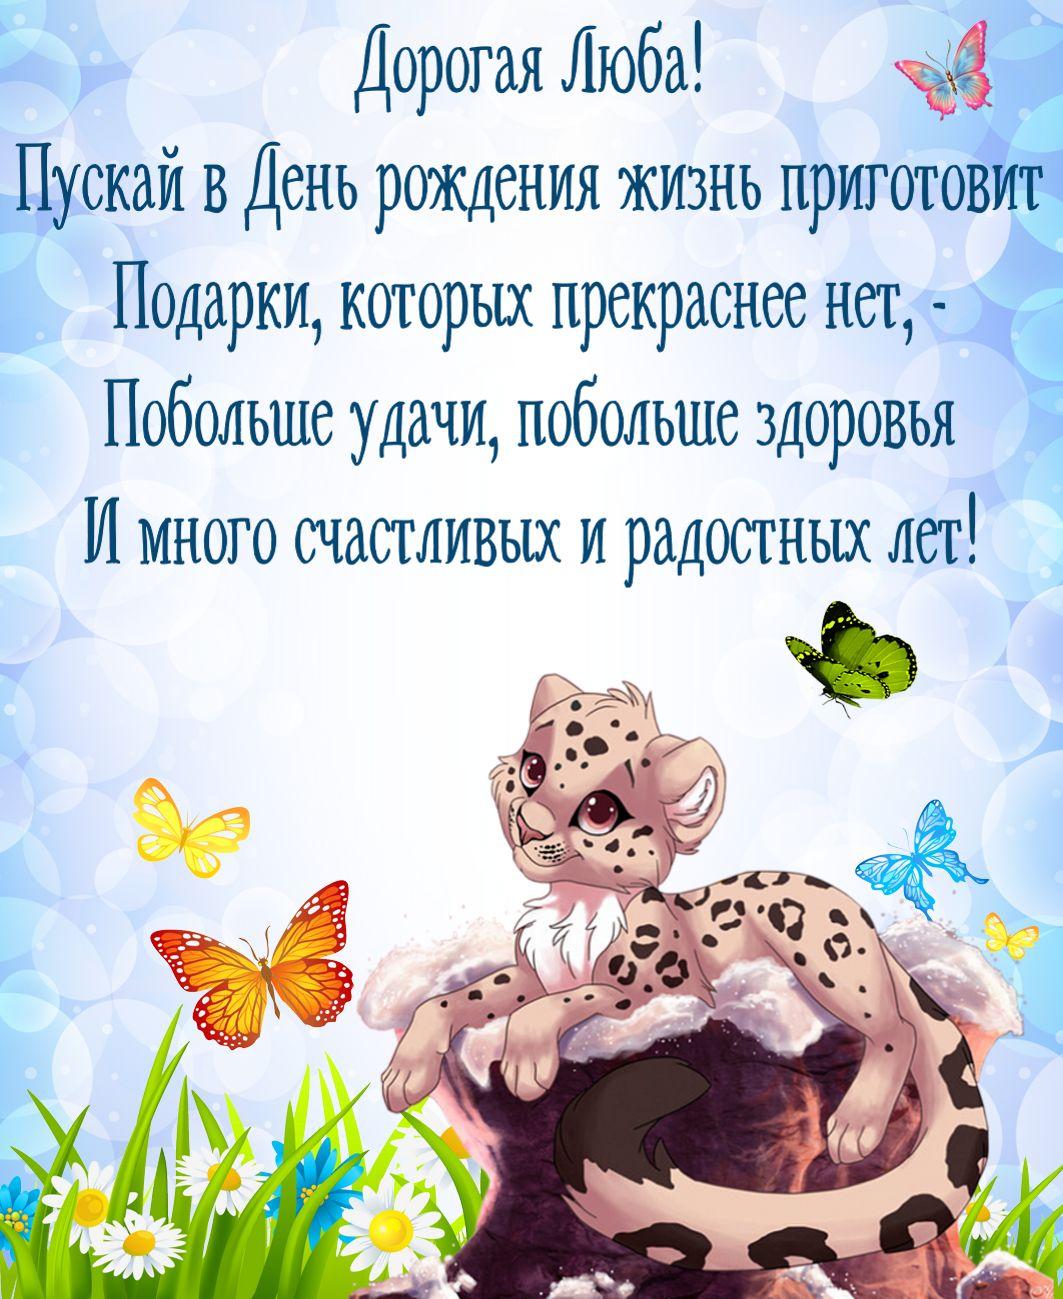 Открытка с Днем рождения Любе - мультяшный леопардик и пожелание